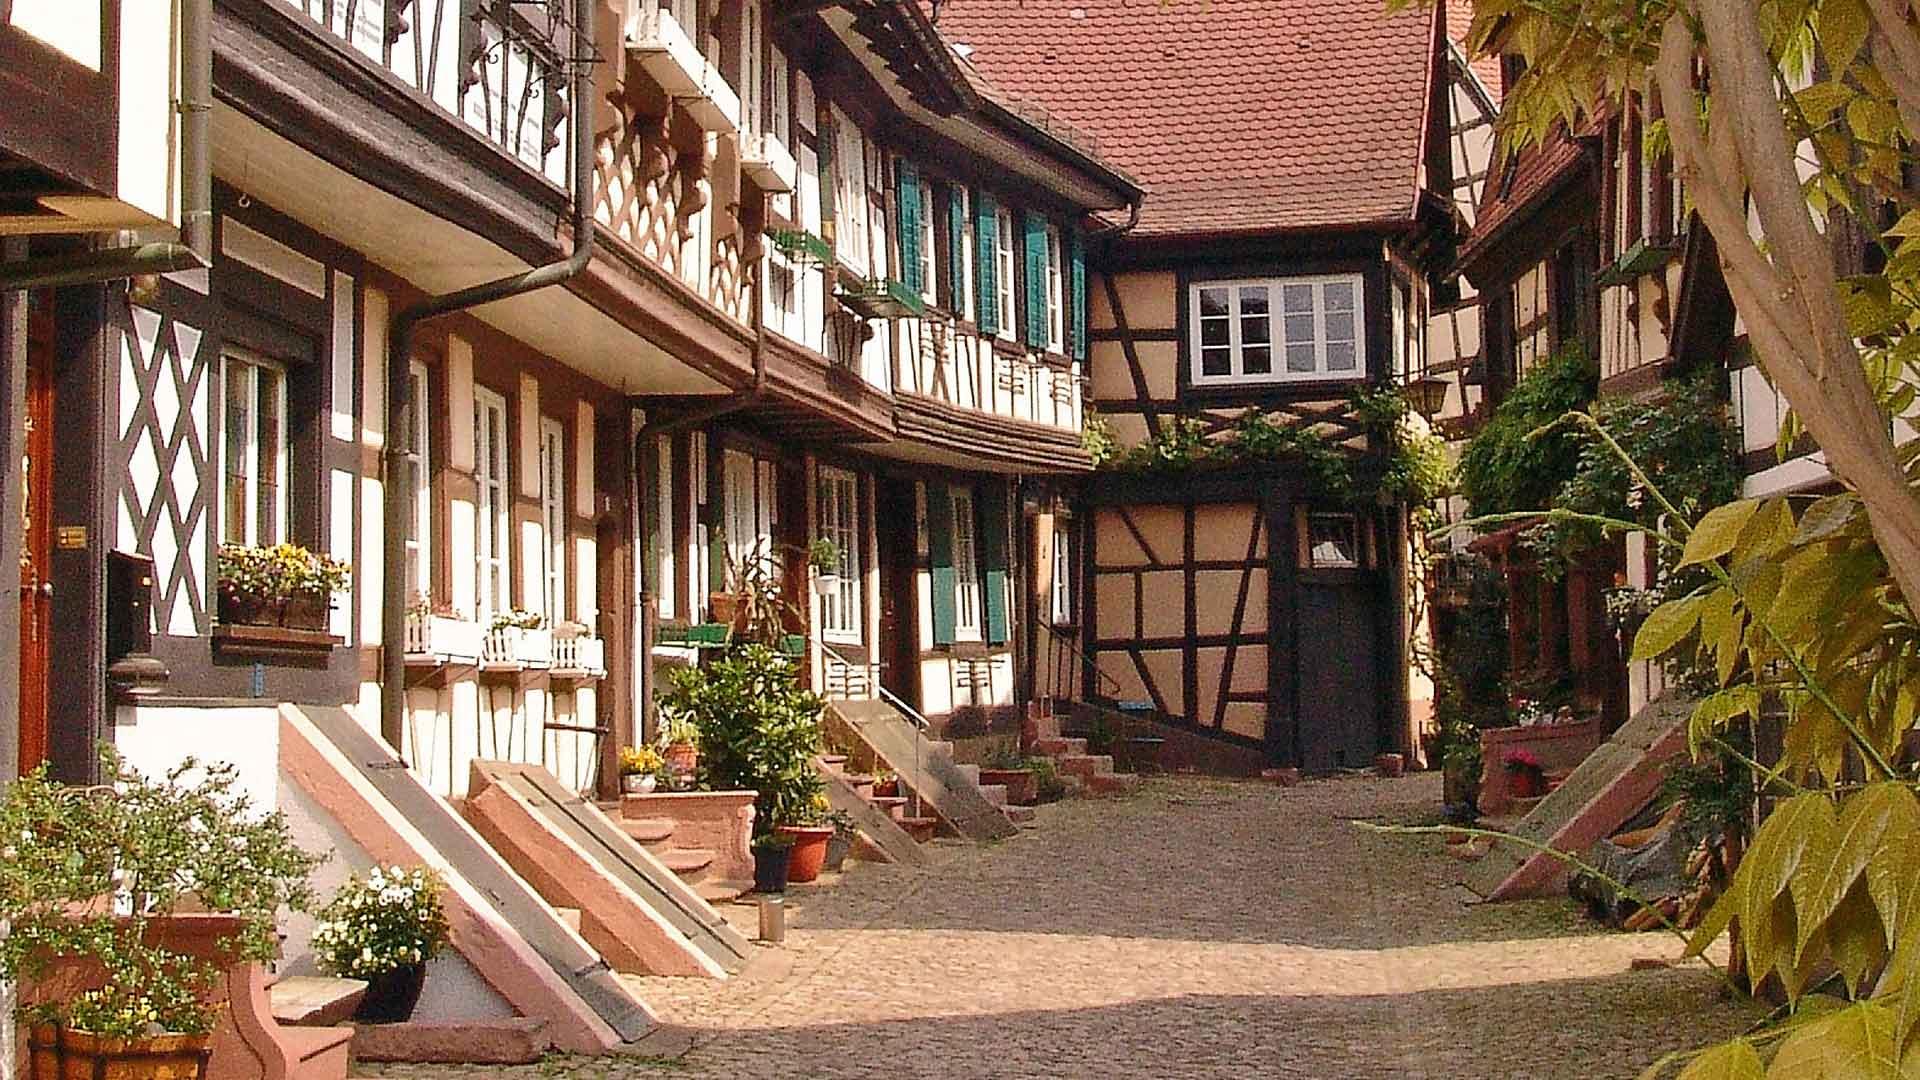 Het pittoreske plaatsje Gengenbach in het Zwarte Woud.